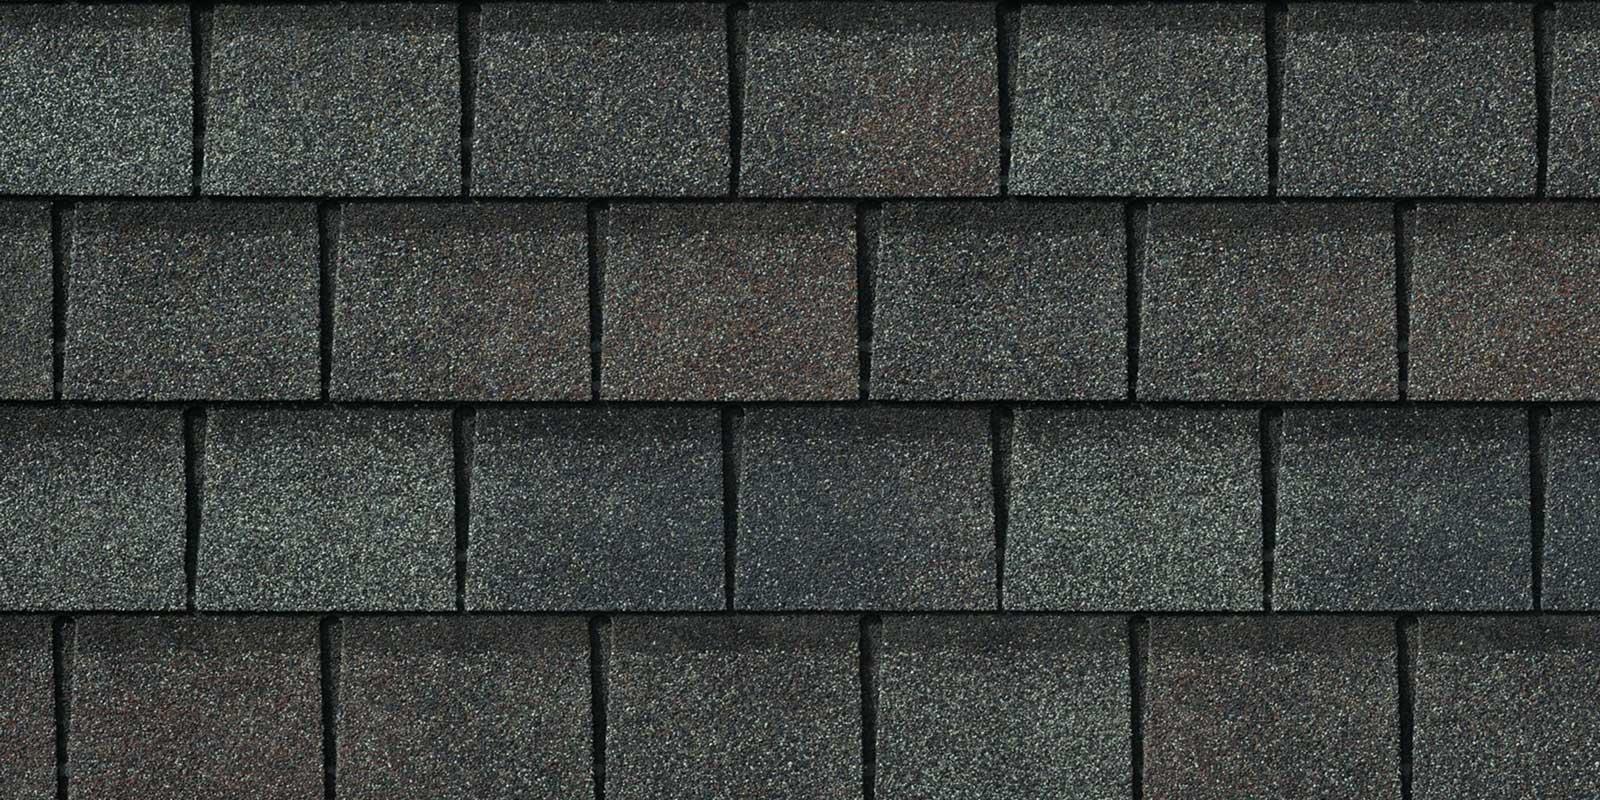 Zdjęcie produktu jakim jest gont bitumiczny amerykańskiej firmy GAF z linii Slateline, pokrycia dachowe